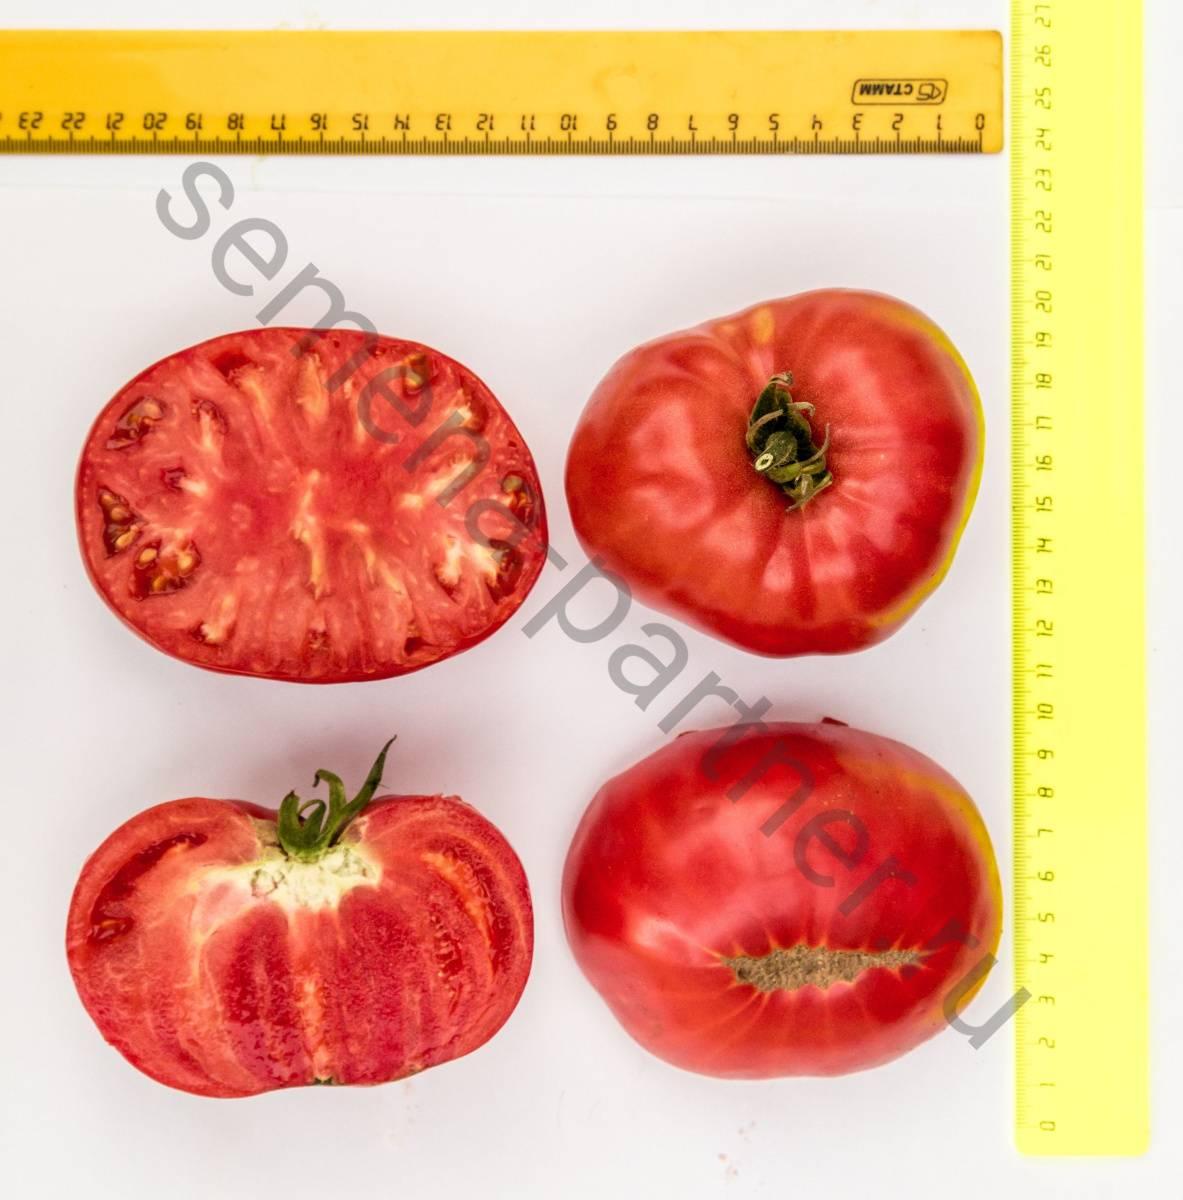 Томат гордость застолья: фото, урожайность, отзывы, характеристика и описание сорта